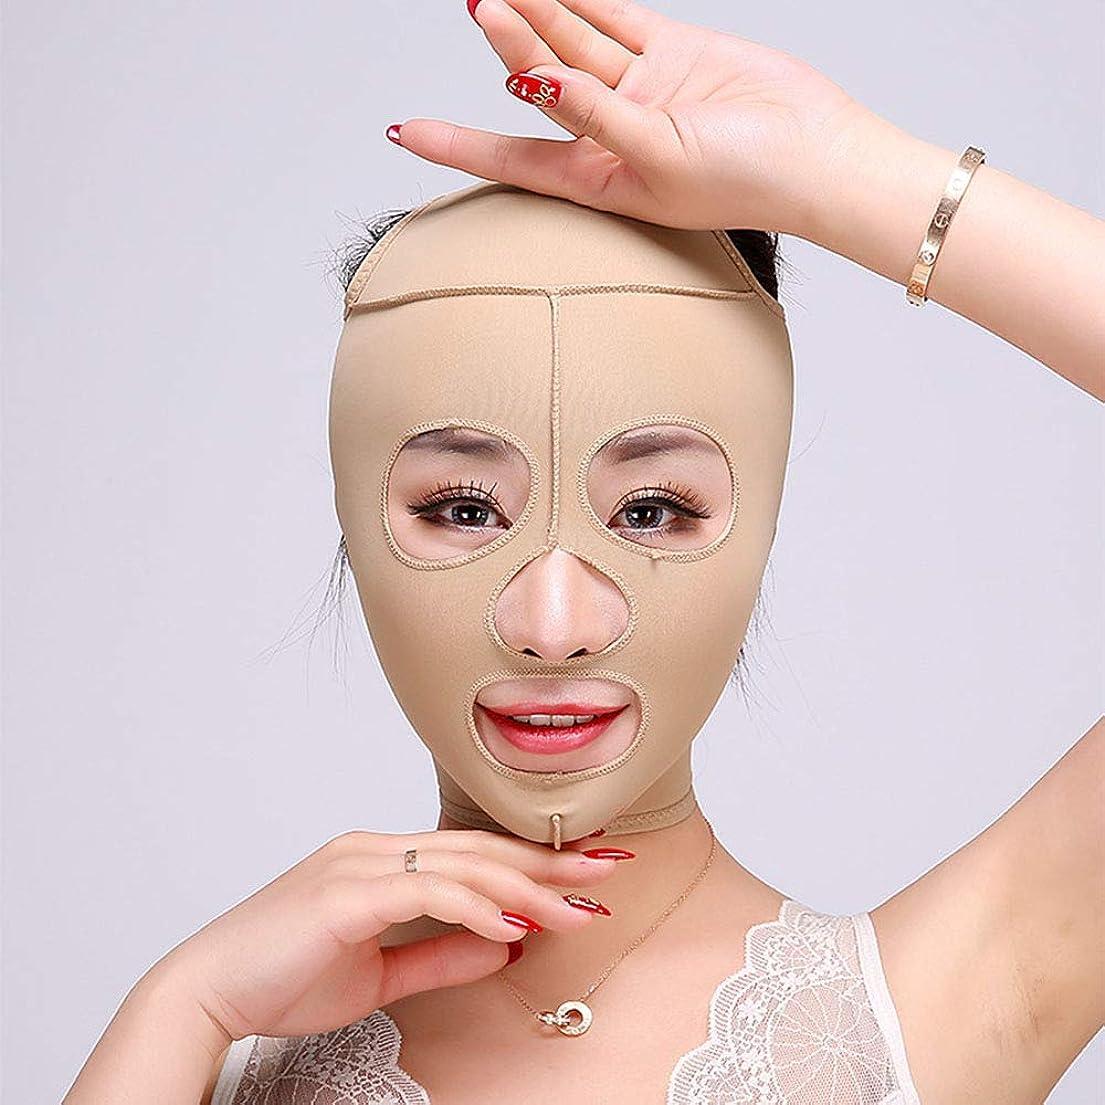 特別に散らす証言する肌に優しい睡眠薄いフェイス包帯、小さなVフェイス包帯/フェイスマスク/リフティングフェイス引き締め改装二重あご(カラー)